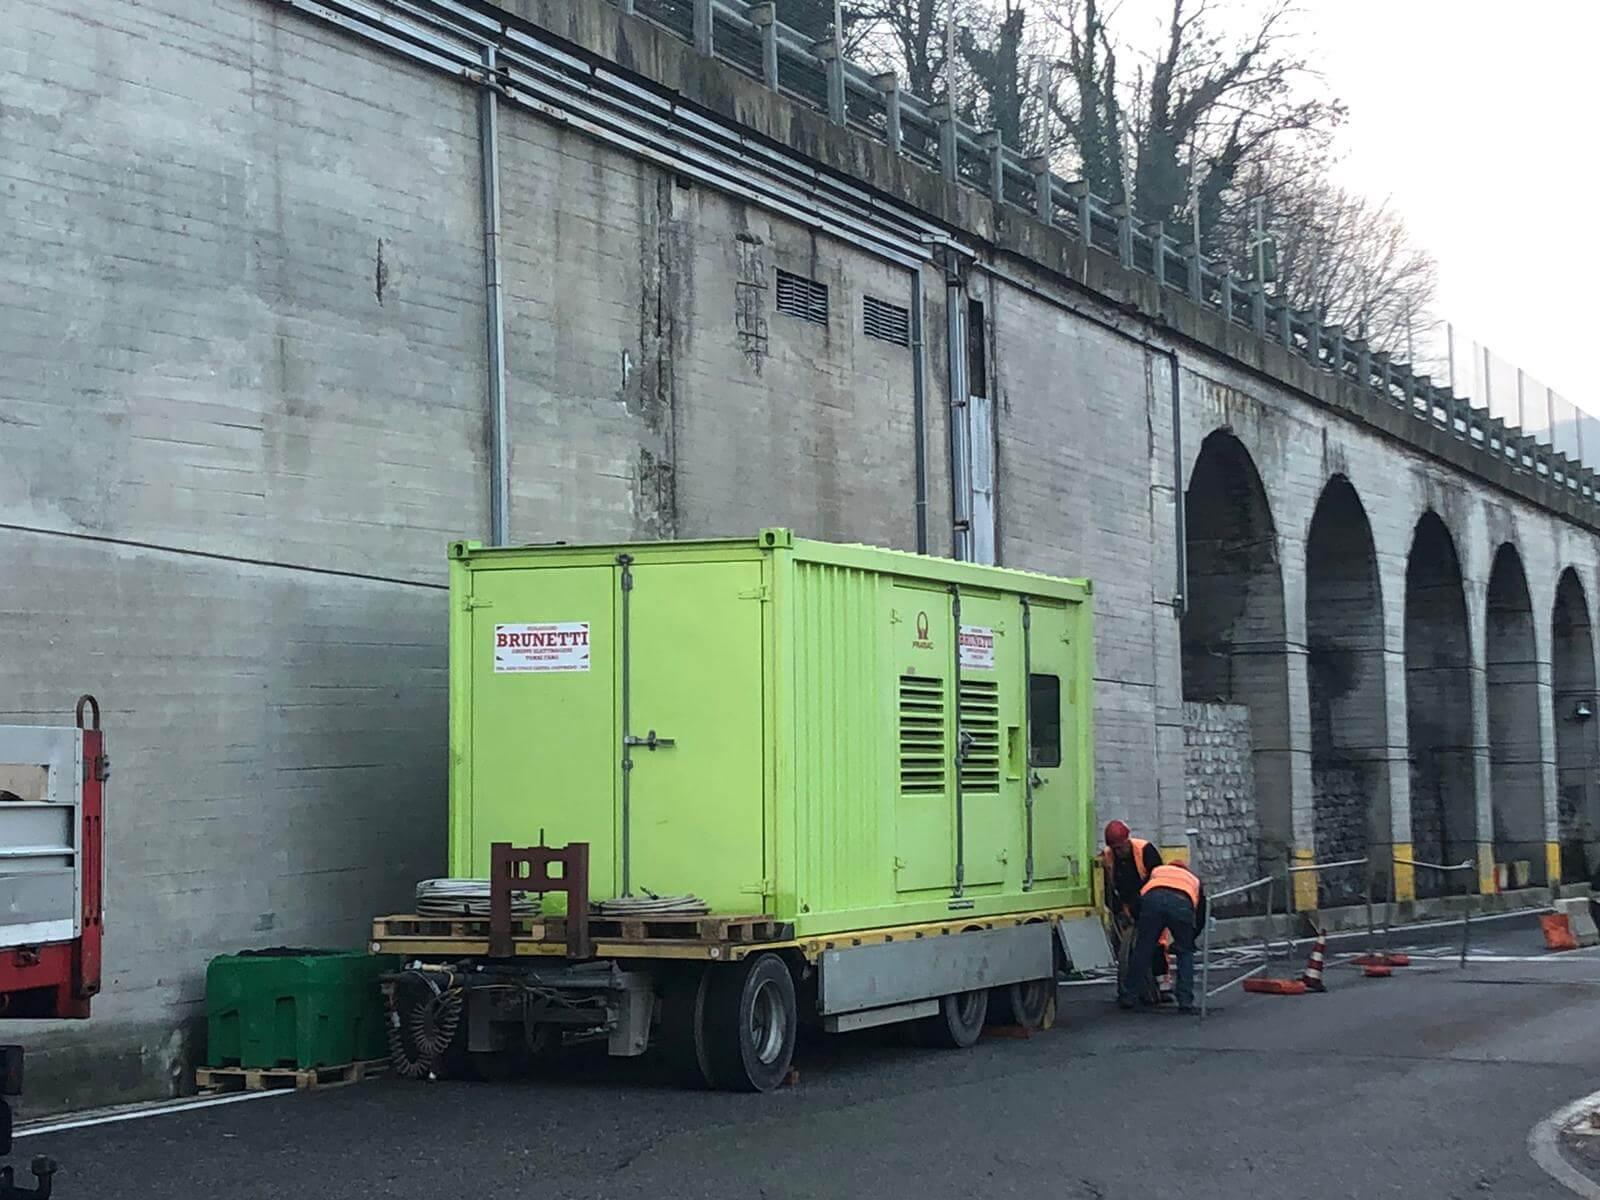 Noleggio generatori di corrente supersilenziati alla Dogana di Chiasso